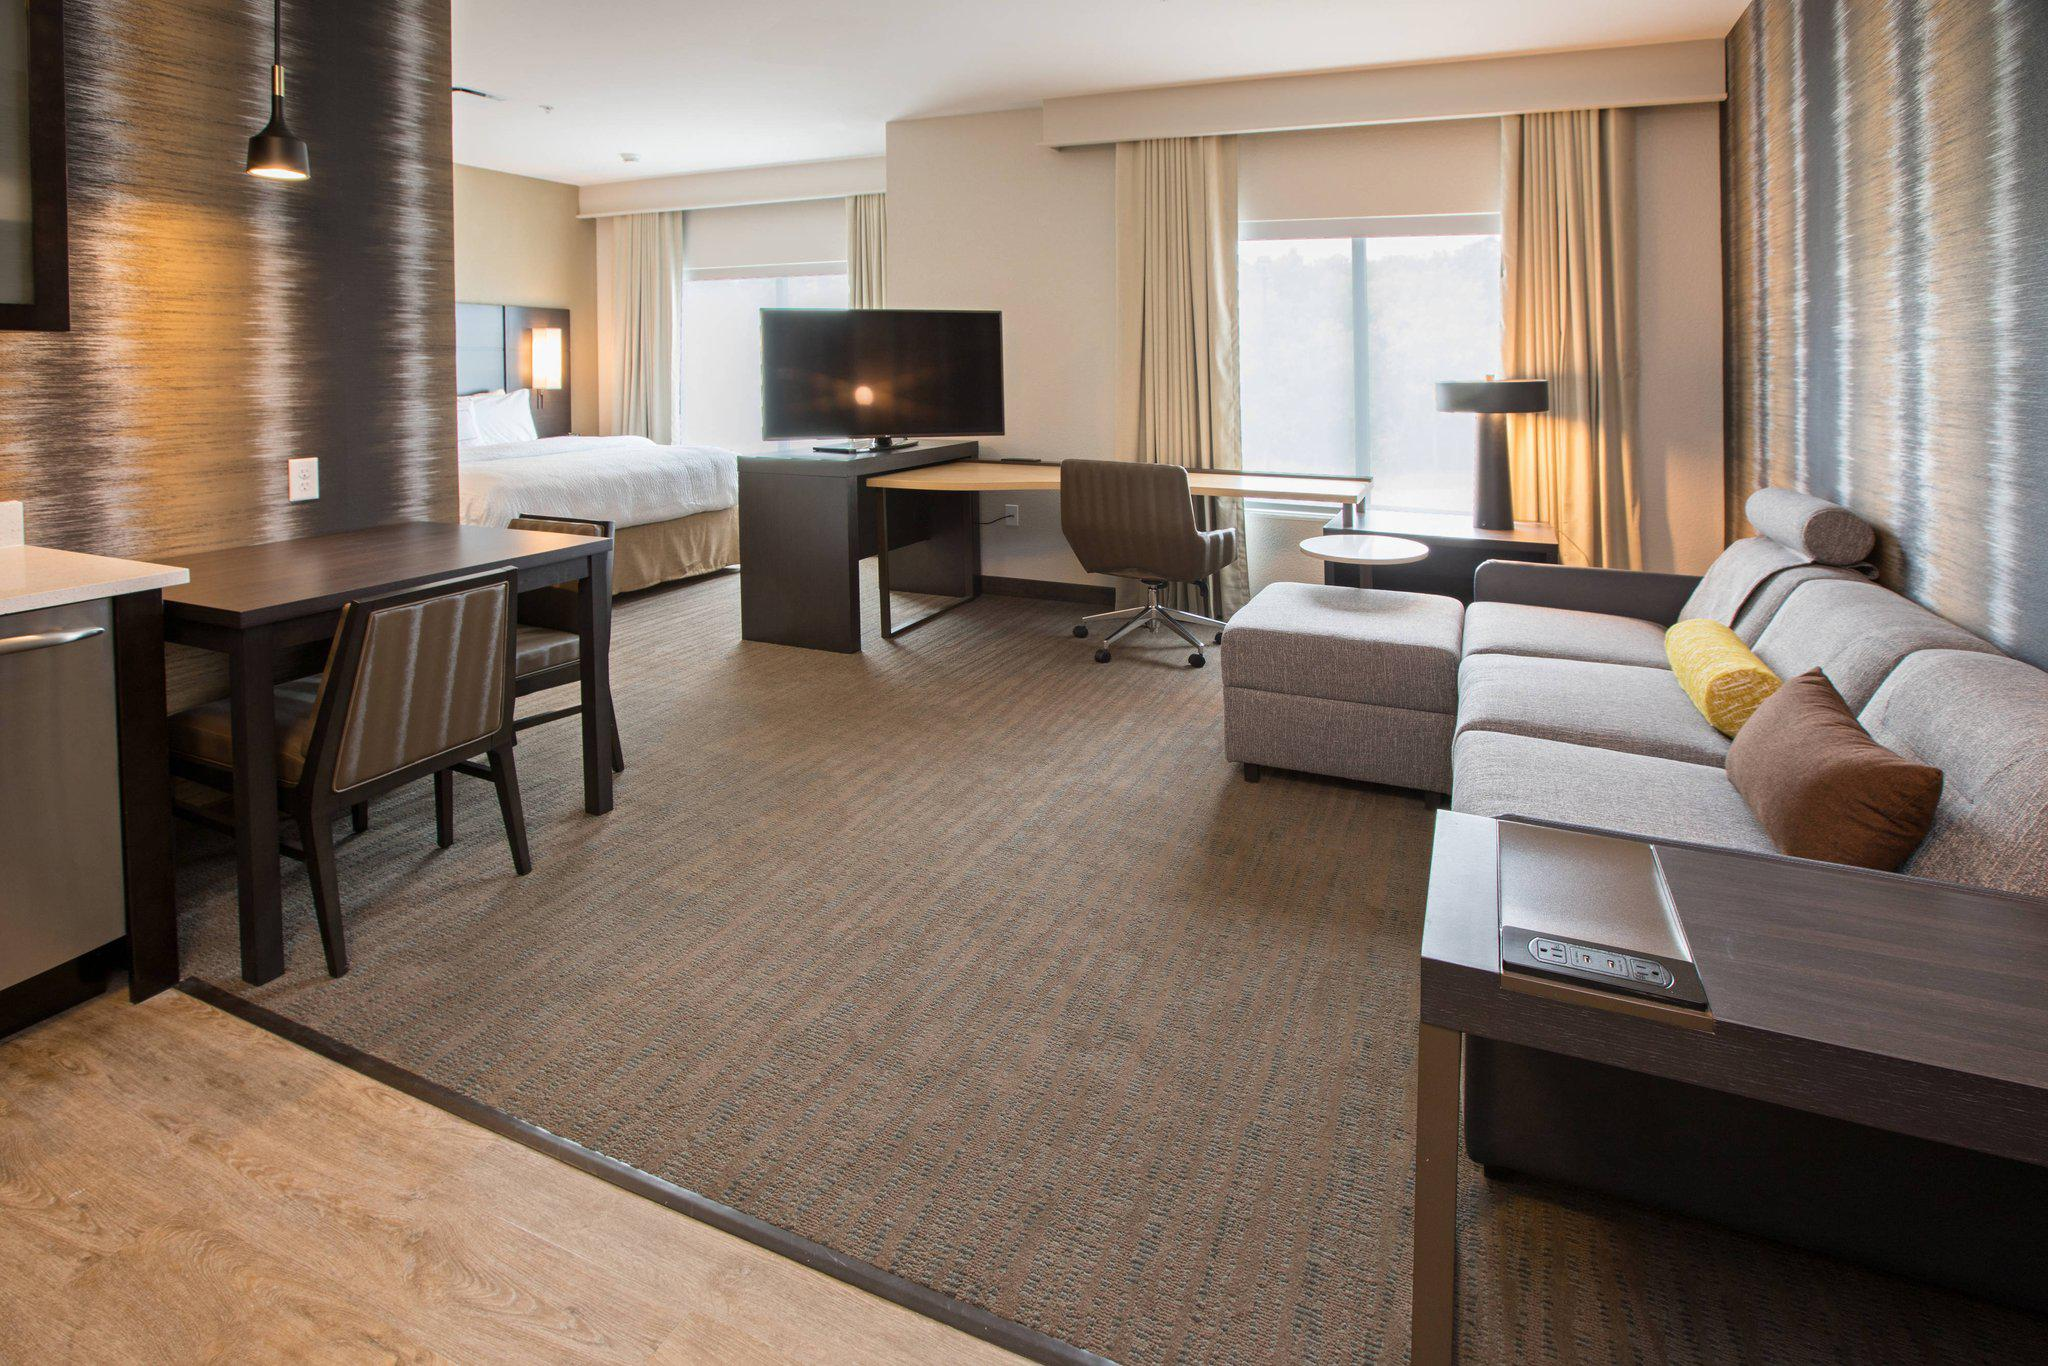 Residence Inn by Marriott Louisville East/Oxmoor